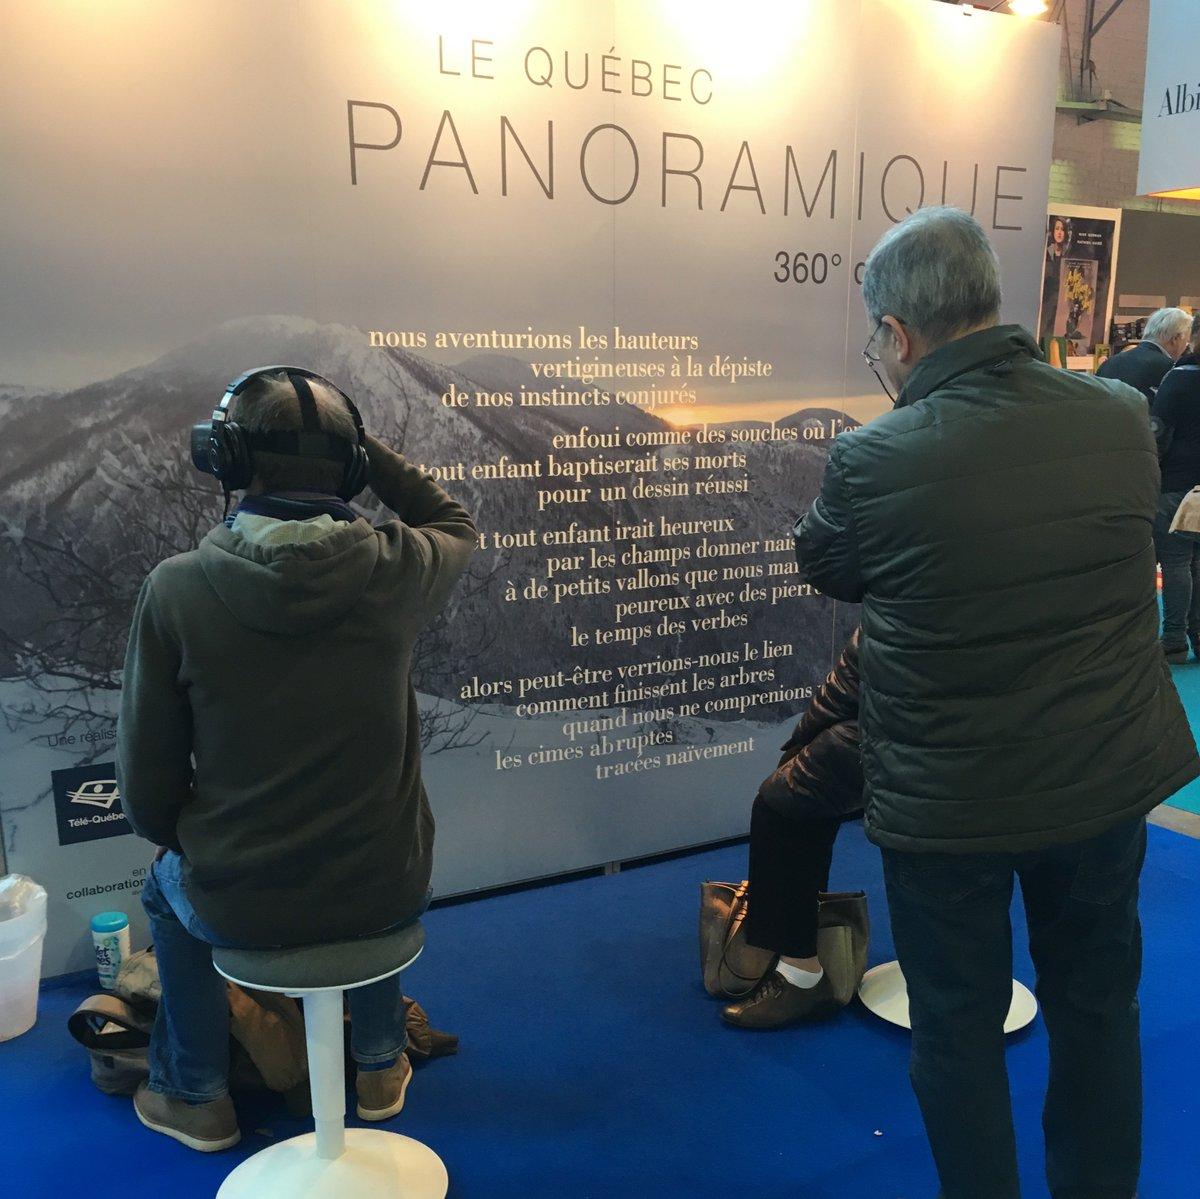 Notre expérience de réalité virtuelle «Panoramique: 360 degrés de poésie» est de passage à #Bruxelles du 14 au 17 février pour la @foirelivrebxl! 😍 @ANEL_QE #poésie #VR #lafab